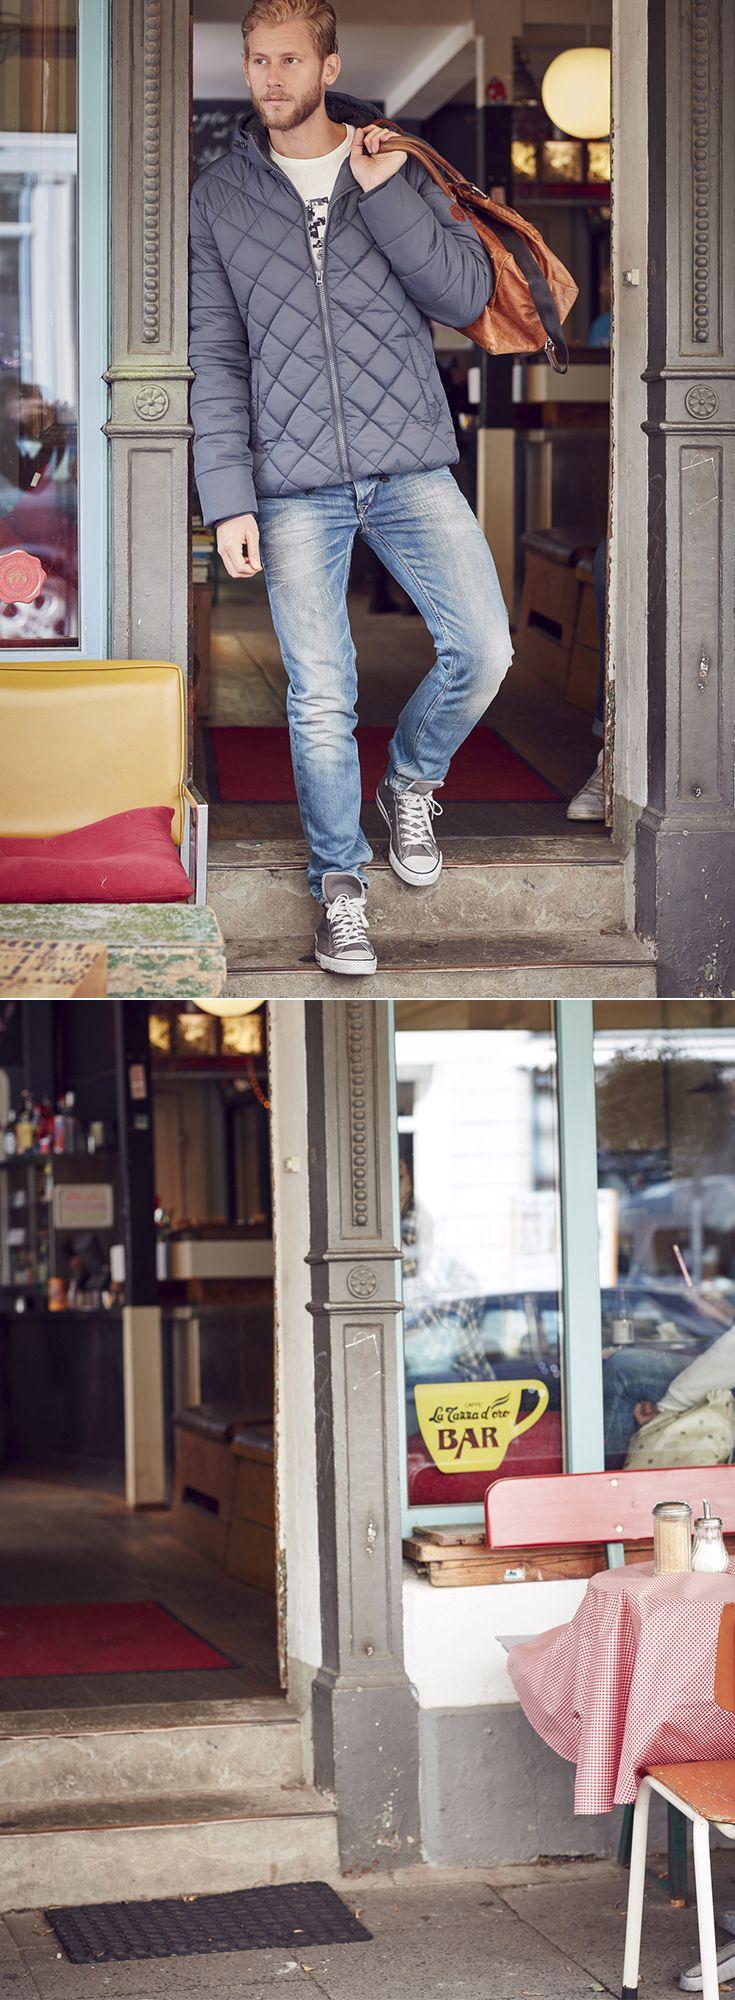 Die Steppjacke von Blend vereint stilvoll lässiges Design und höchsten Komfort. Die warme Wattierung macht die sportliche Herrenjacke zu einem perfekten Begleiter an kühleren Tagen. Für zusätzlichen Komfort sind die Kapuze und der Saum mit einem Tunnelzug und die Ärmel mit Strickbündchen versehen. Mit dieser gesteppten Outdoorjacke sind kalte Temperaturen kein Problem mehr und unkomplizierte Casual-Looks finden dank der sportiven Steppung eine coole Ergänzung.